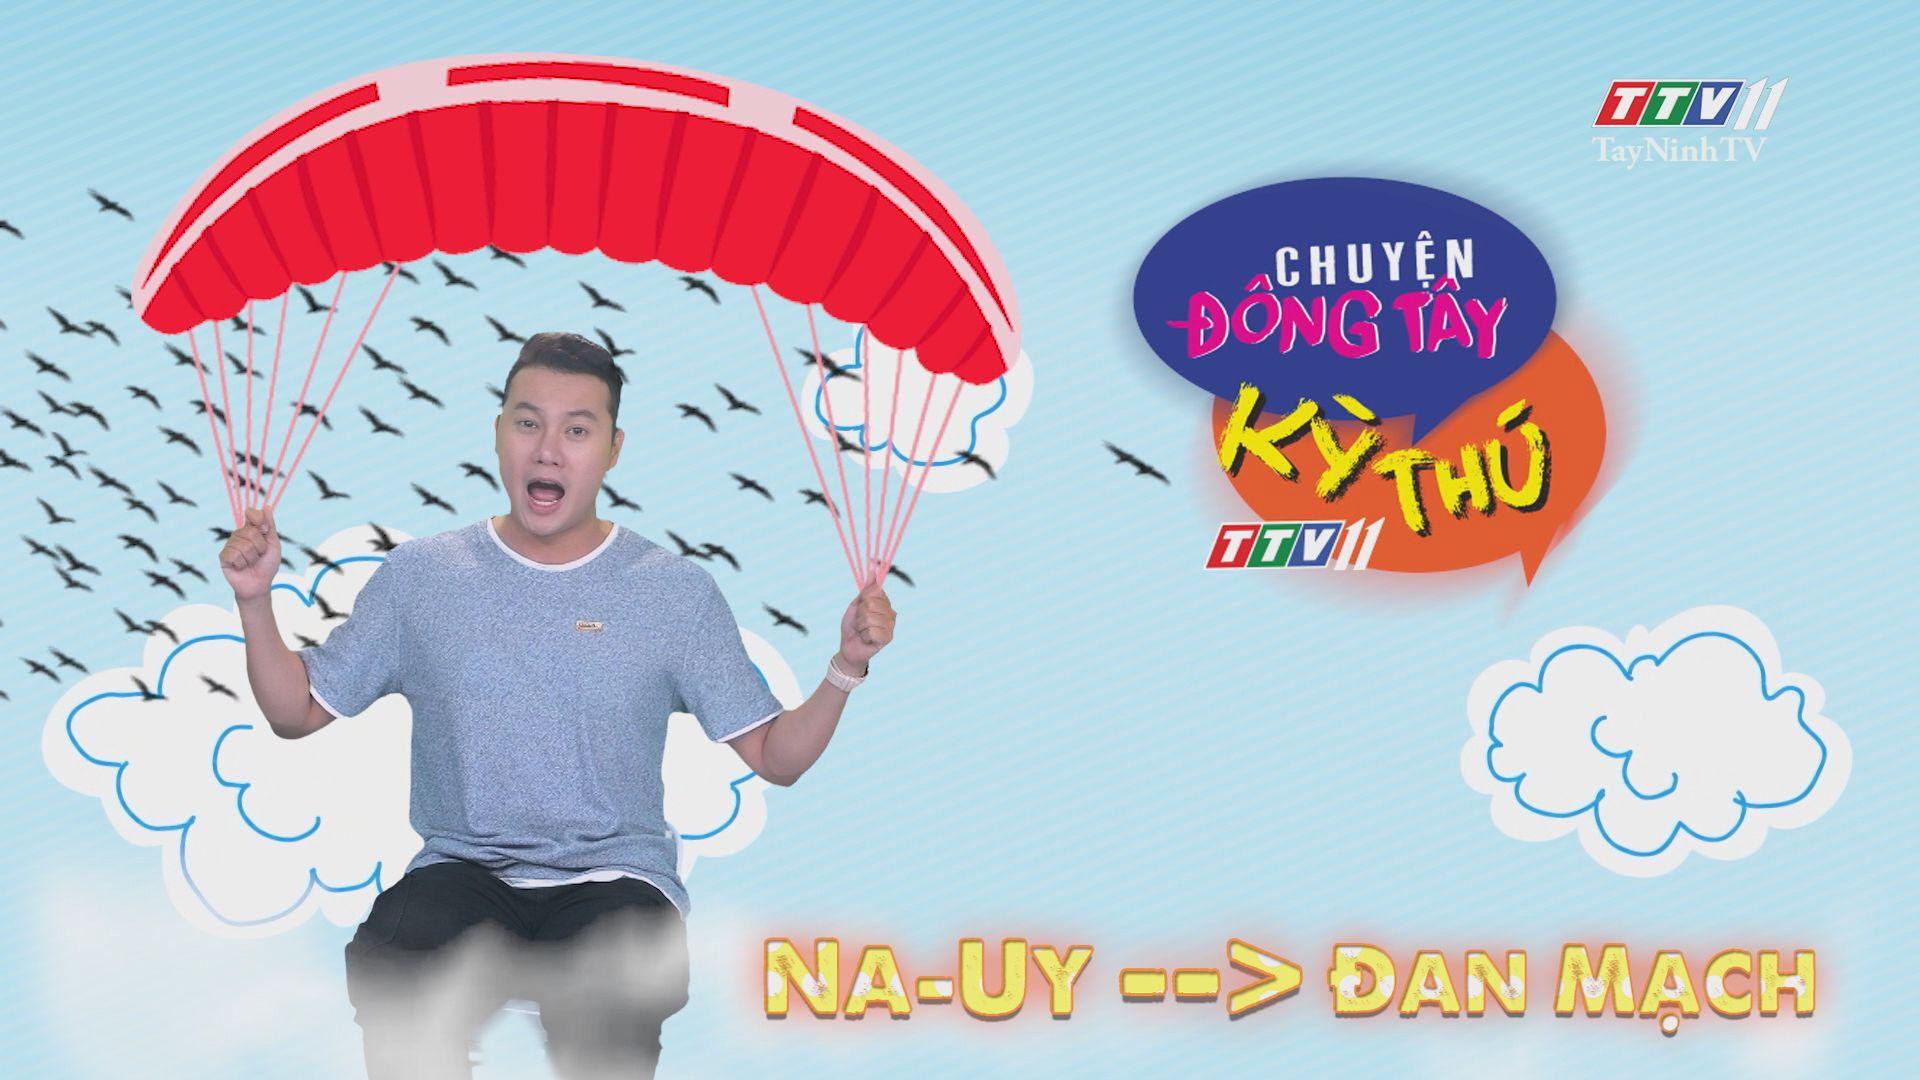 Chuyện Đông Tây Kỳ Thú 21-5-2020 | TayNinhTV